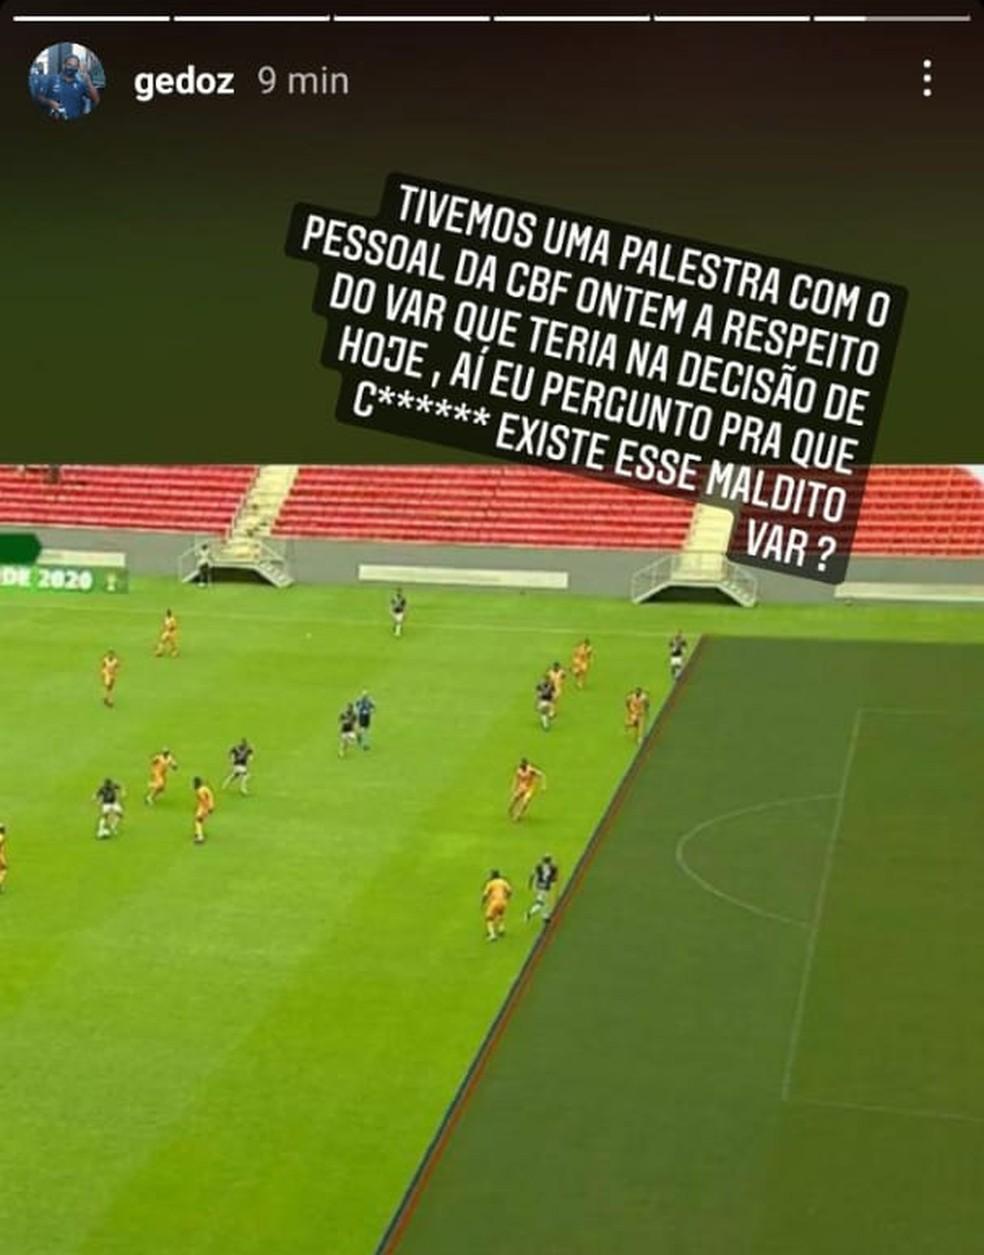 Felipe Gedoz critica VAR por ter marcando impedimento de Wellington Silva na jogada que culminou com o segundo gol do Remo na partida — Foto: Reprodução/Instagram